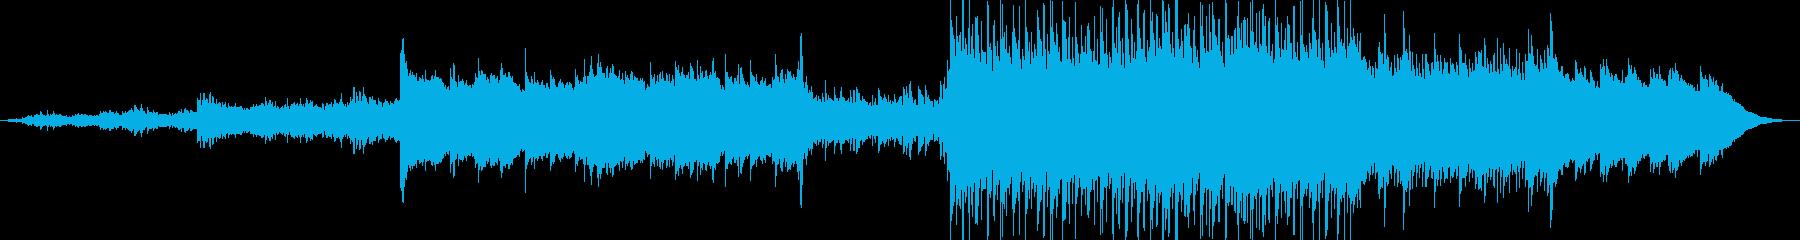 綺麗な音色で心地よいメロディーの再生済みの波形